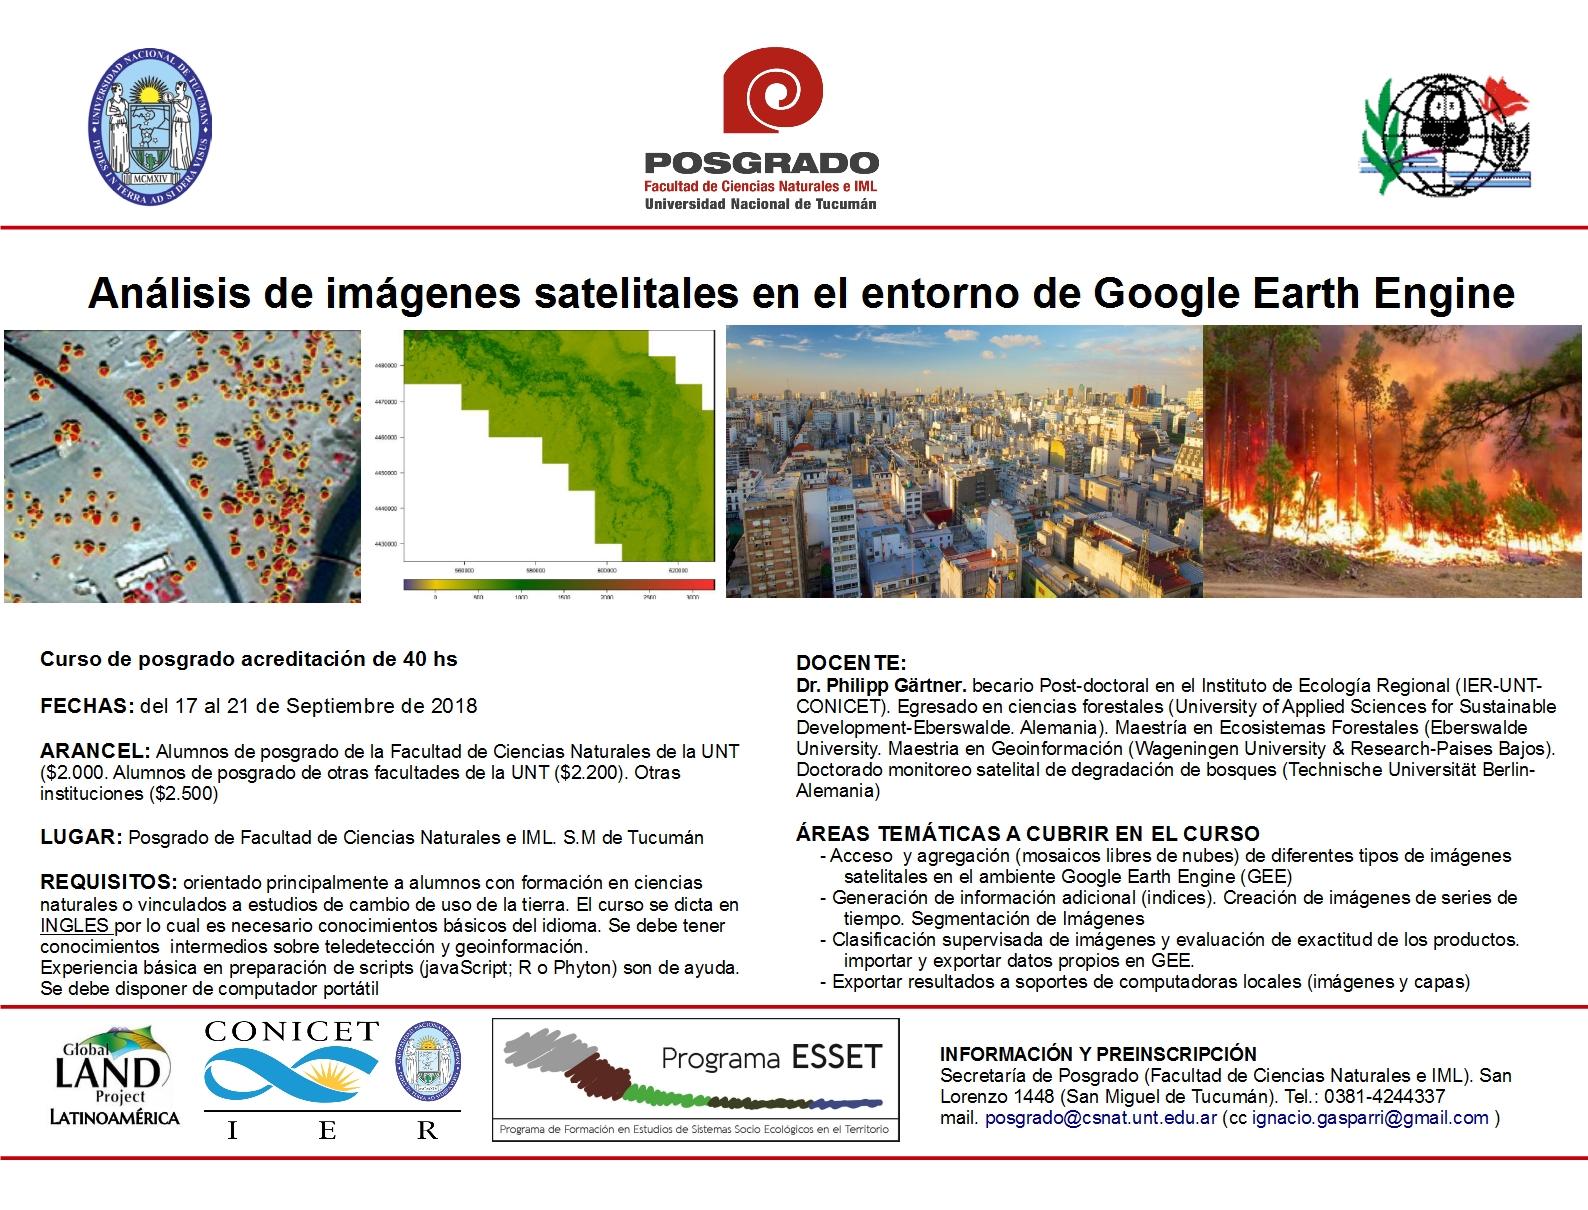 Curso de Análisis de imágenes satelitales